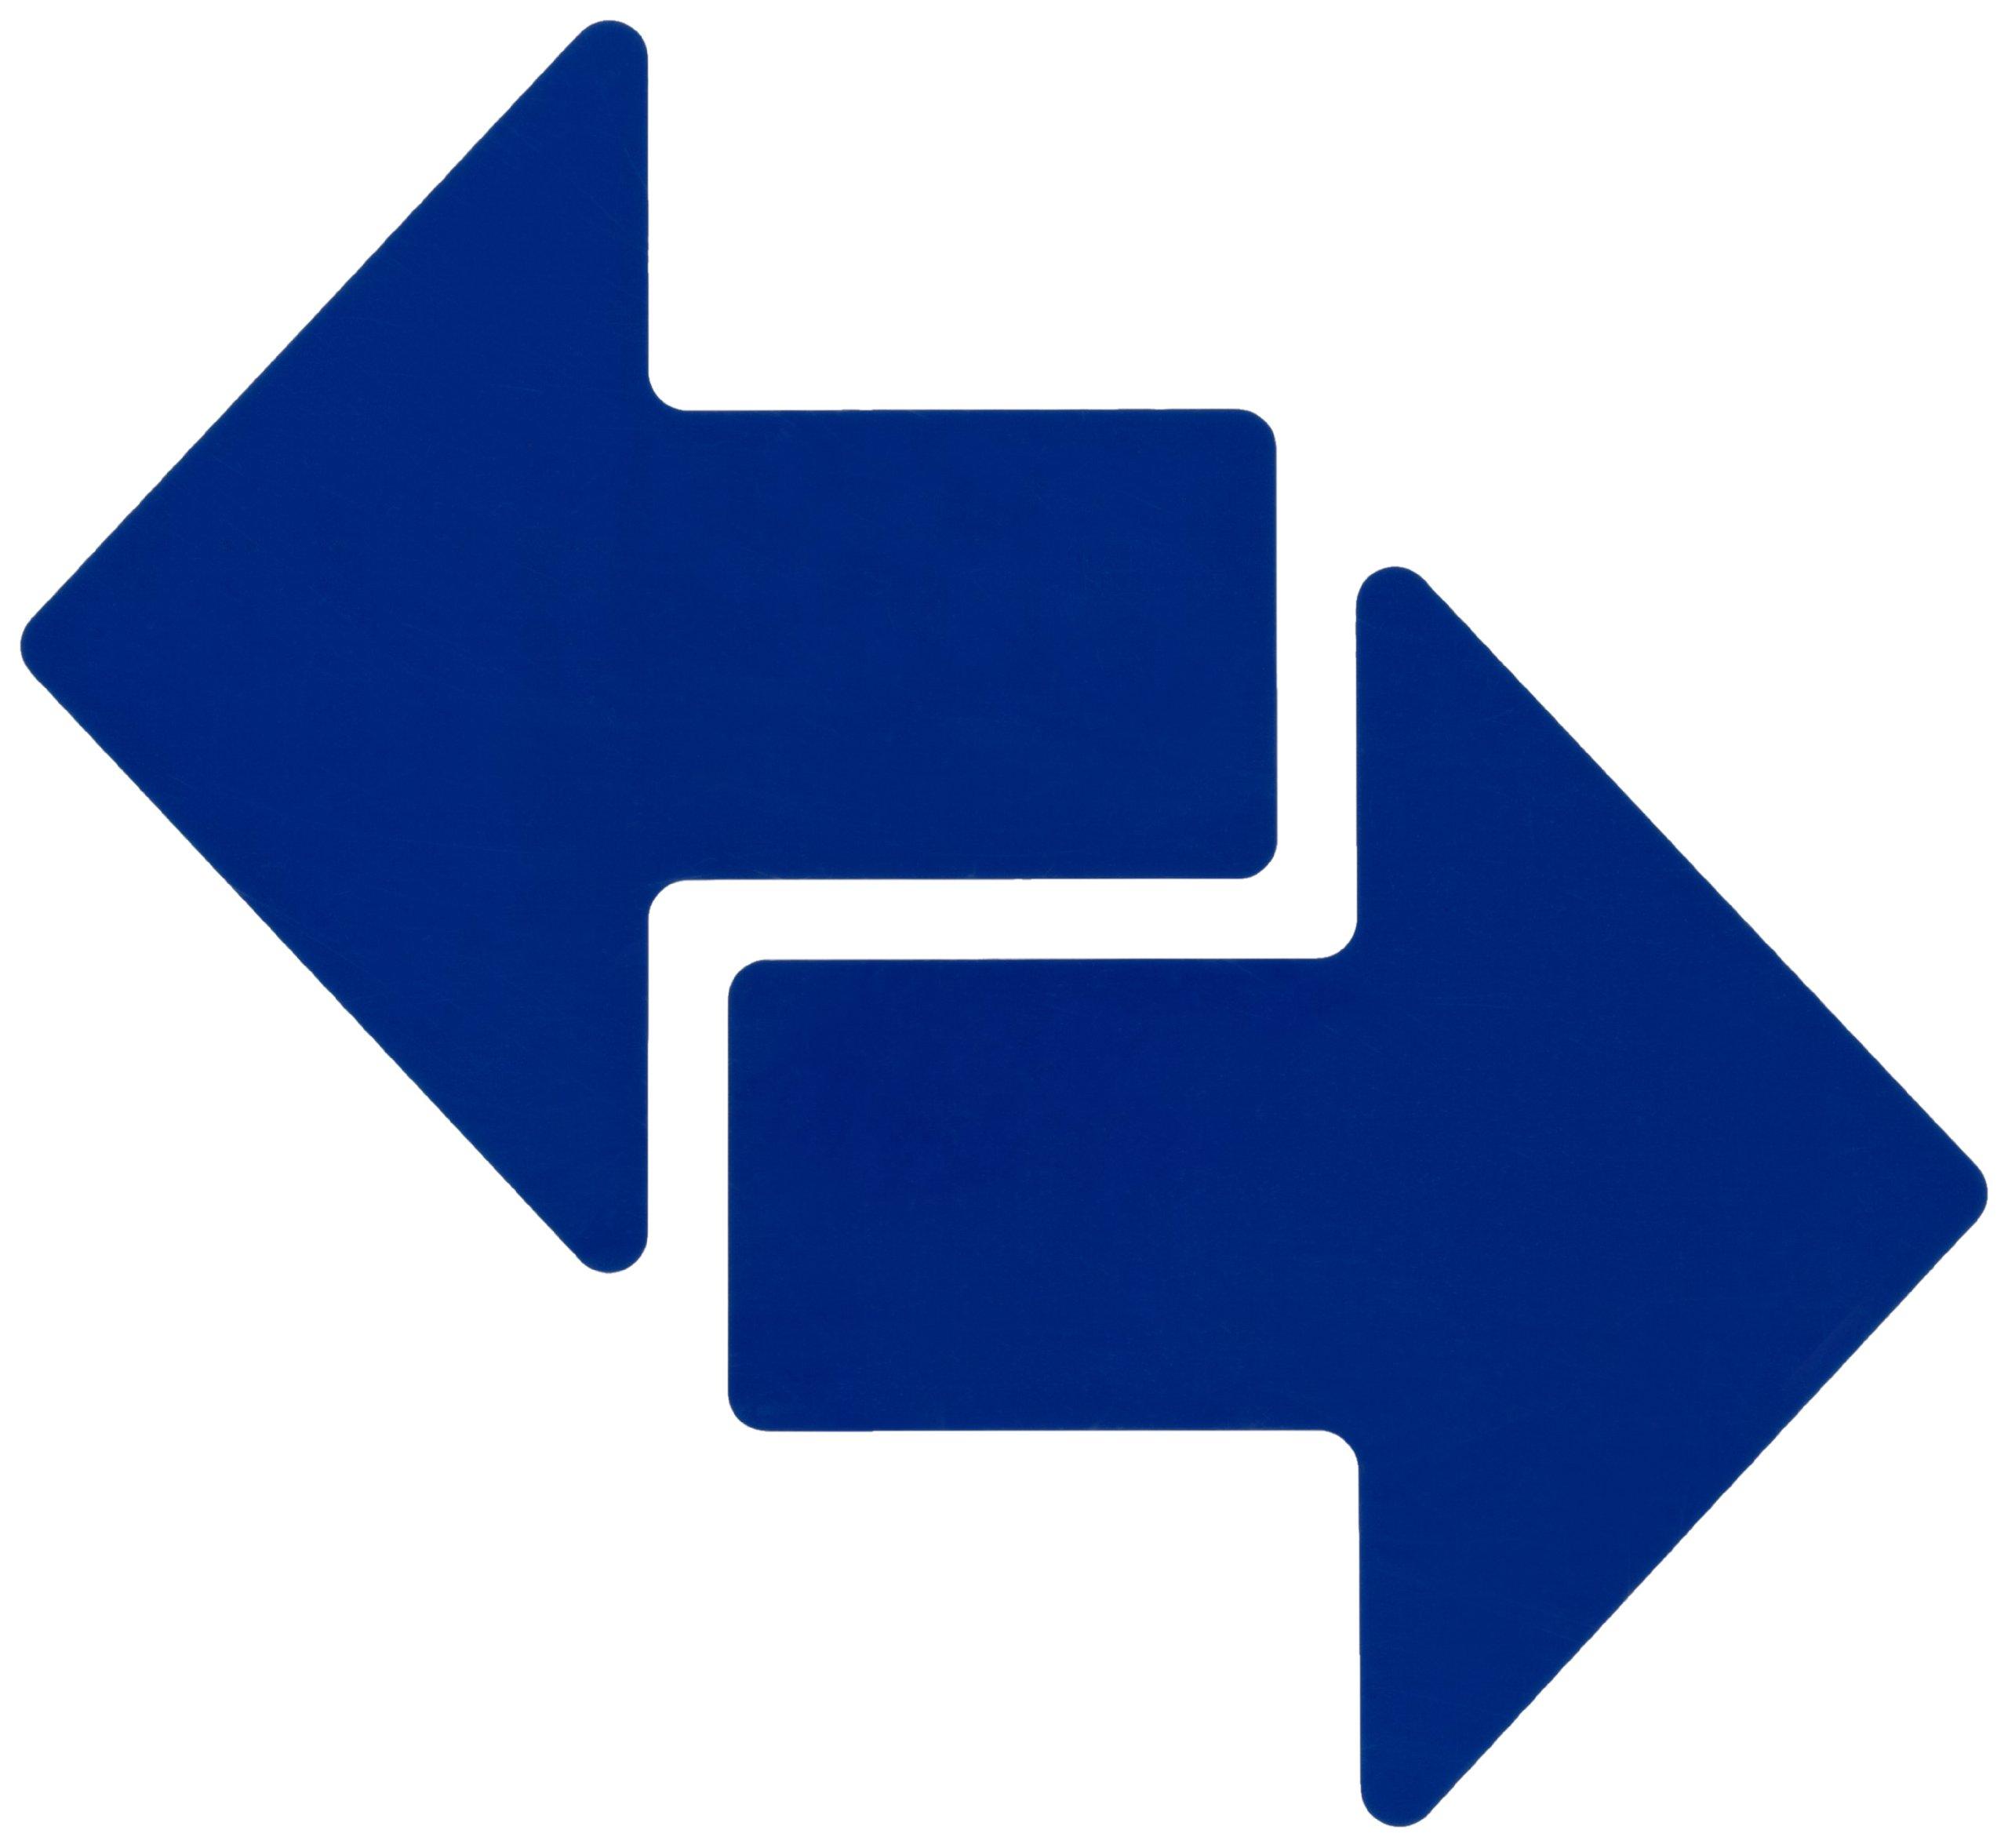 Brady ToughStripe Nonabrasive  Direction Arrows Floor Marking Tape, 8'' Length, 3'' Width, Blue (Pack of 100 per Roll)